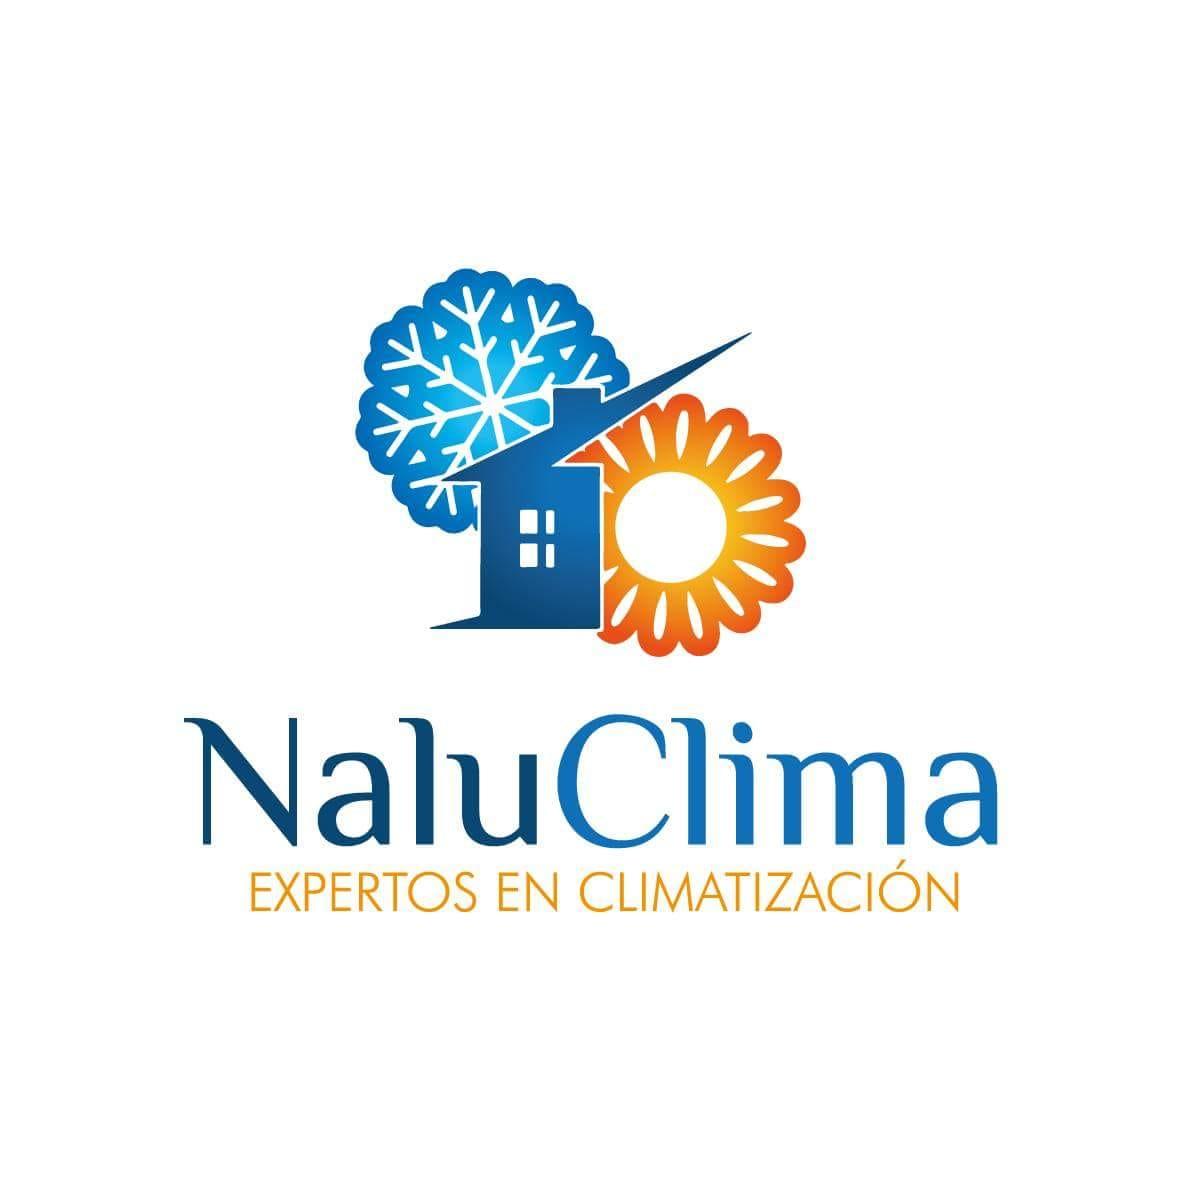 NaluClima